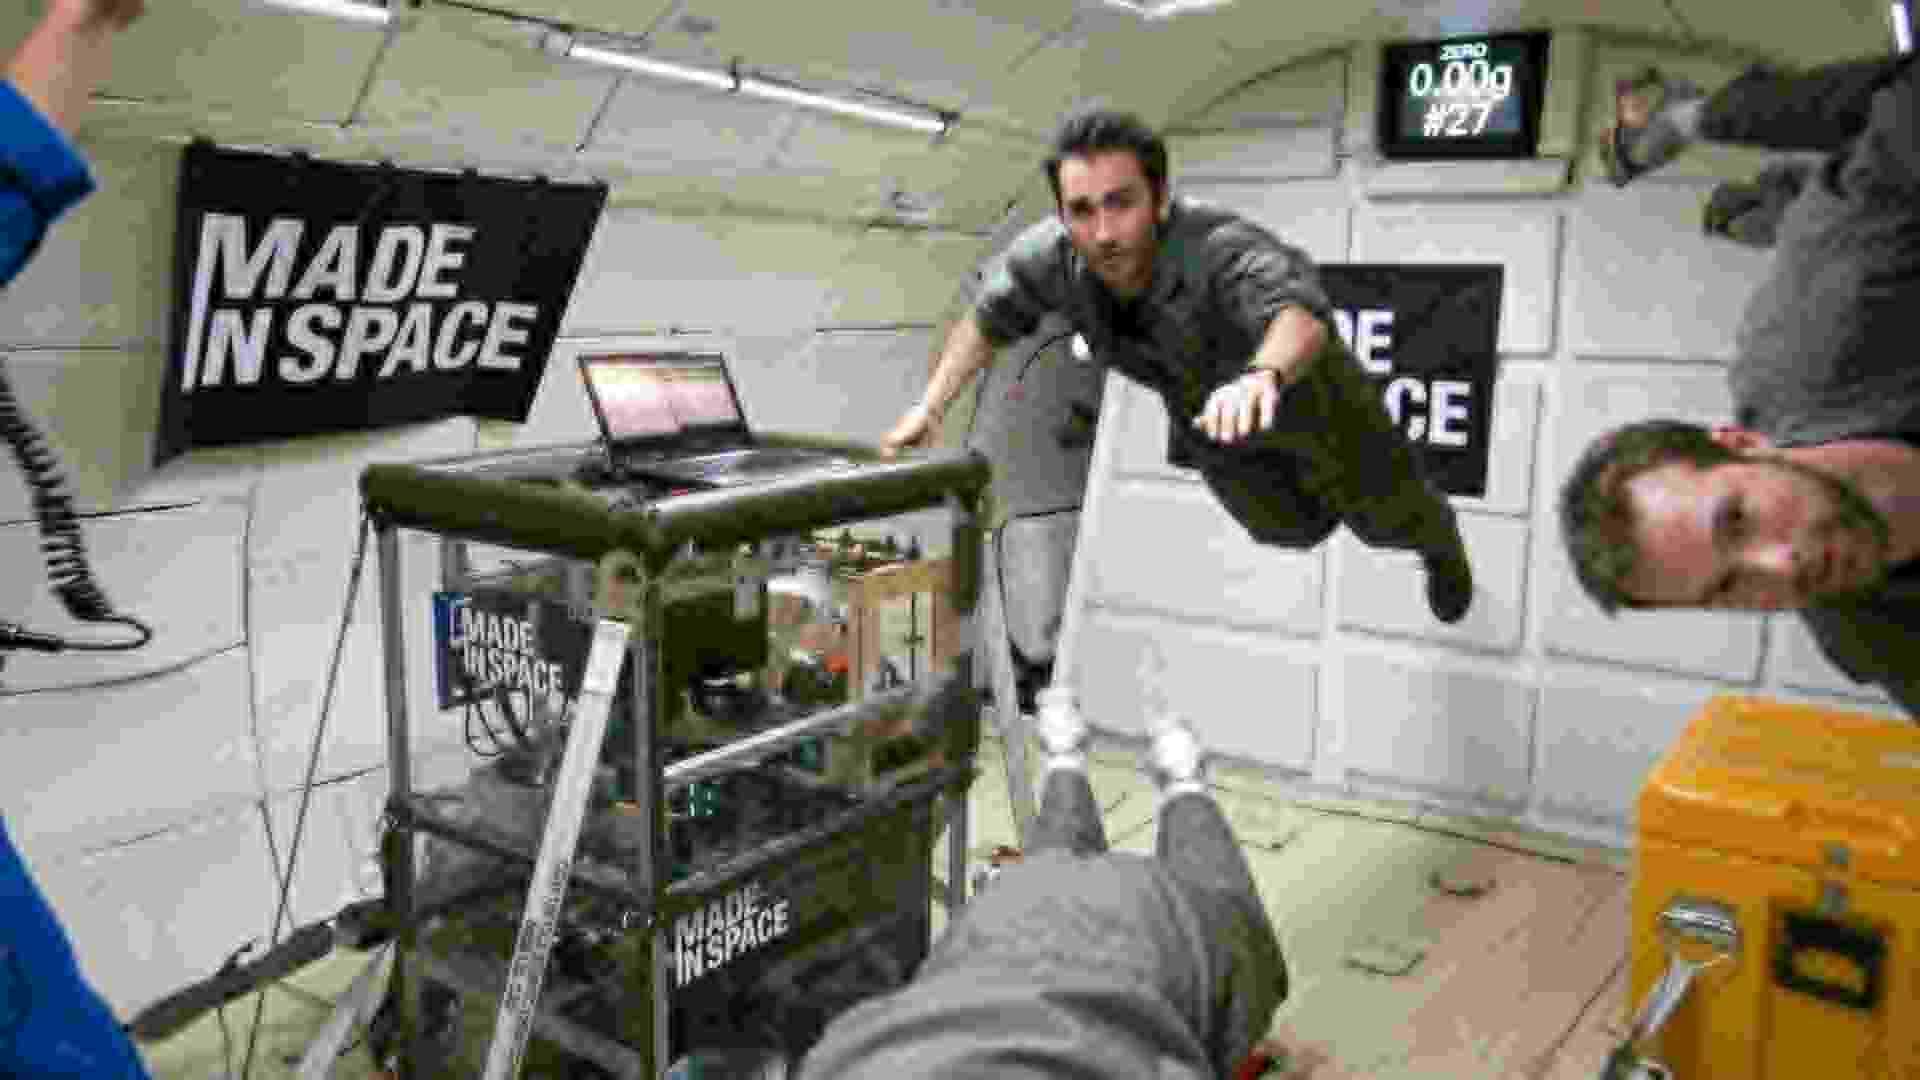 メイド・イン・スペース、国際宇宙ステーションでPEI/PCの利用を開始